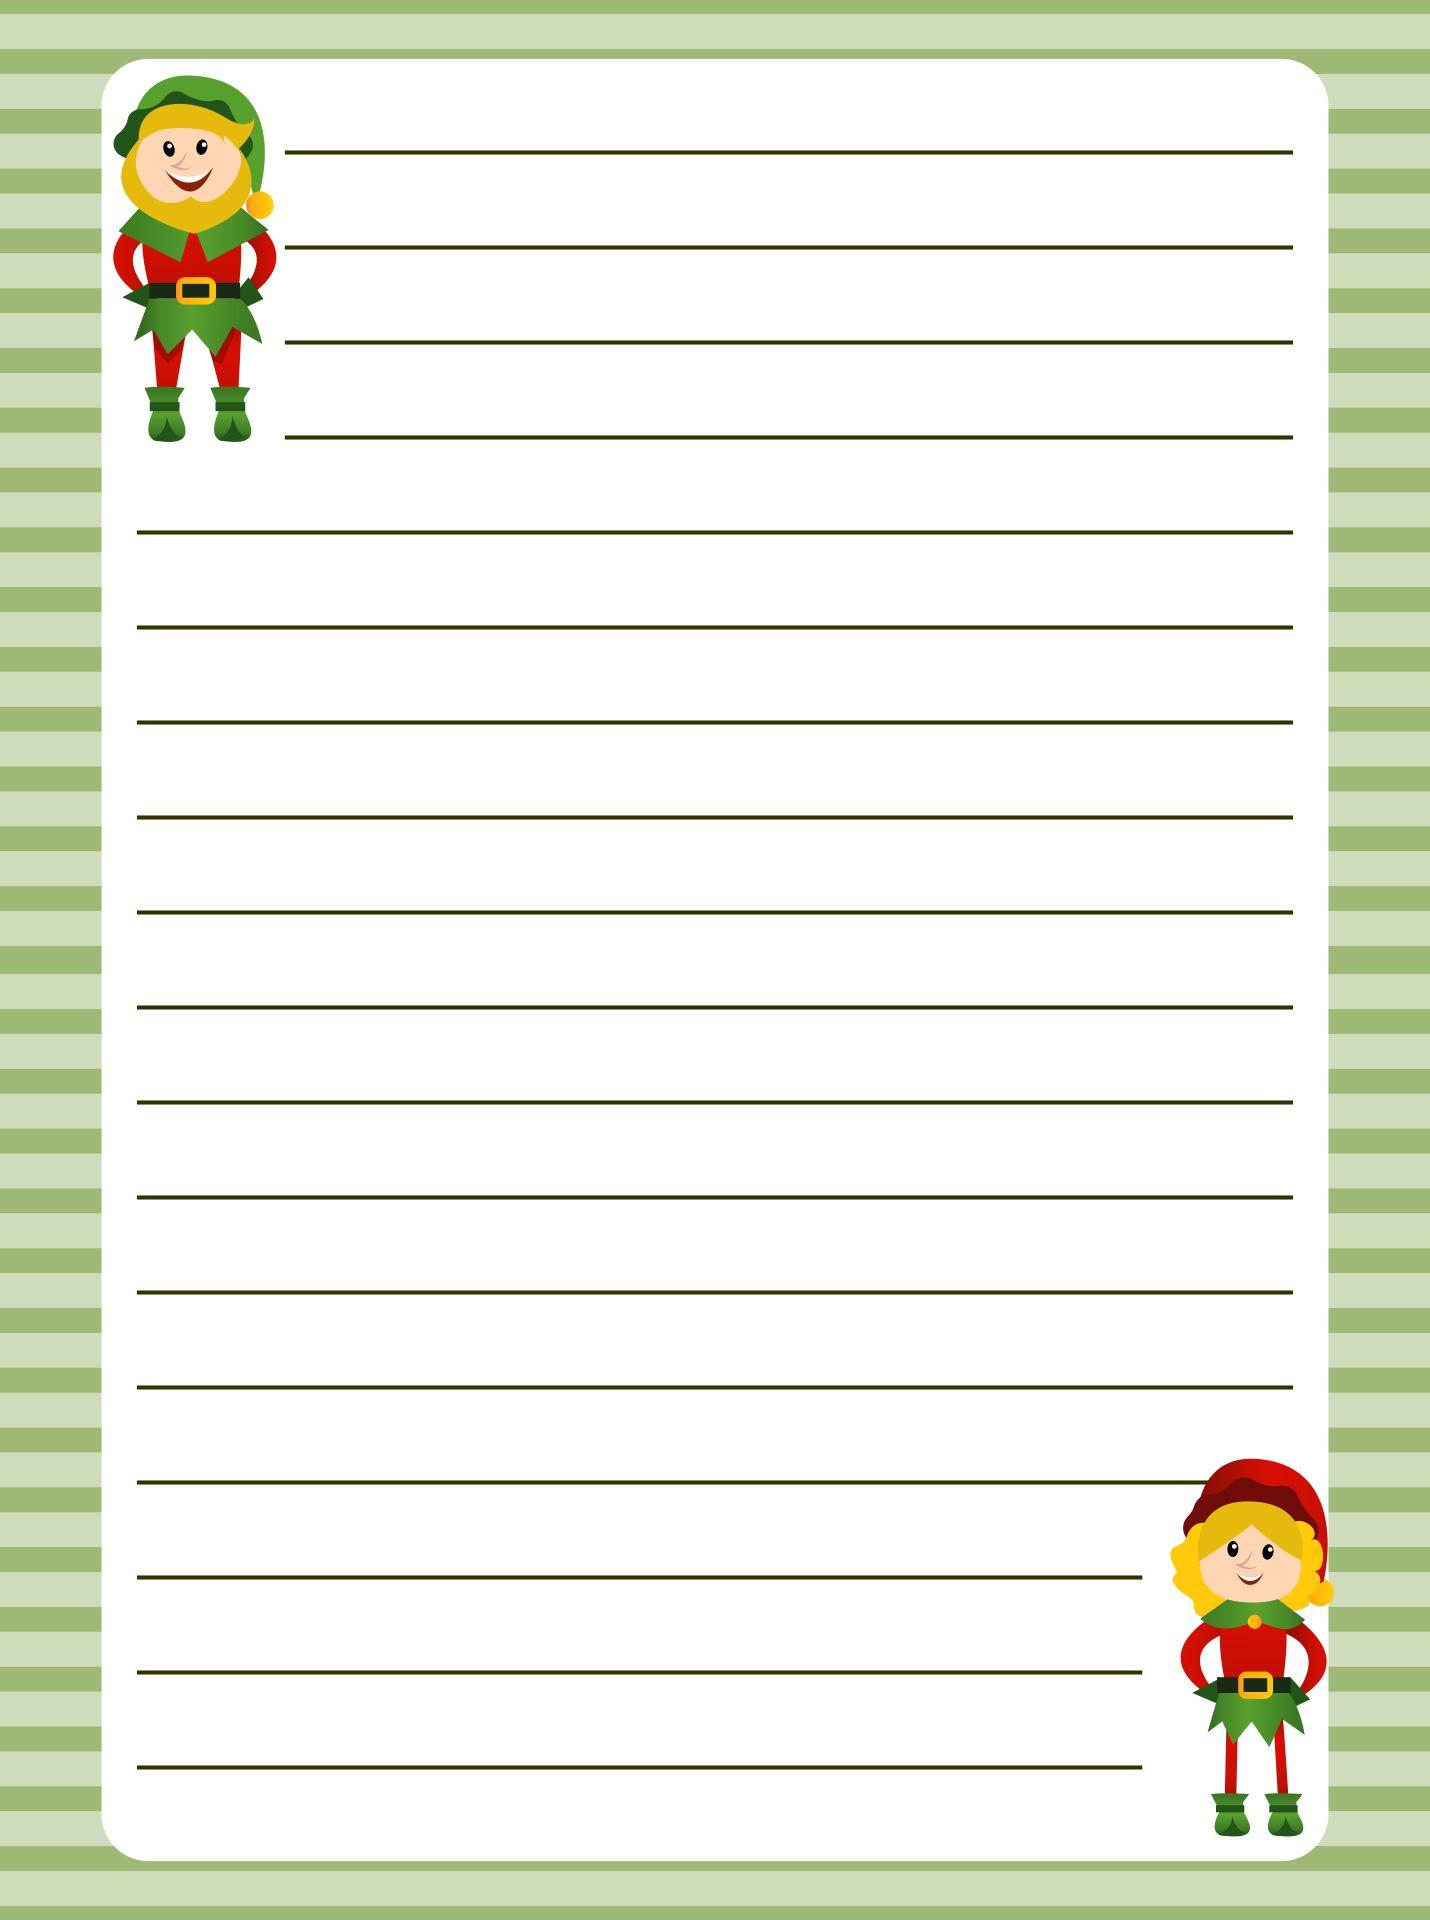 Printable Christmas Elf Writing Paper